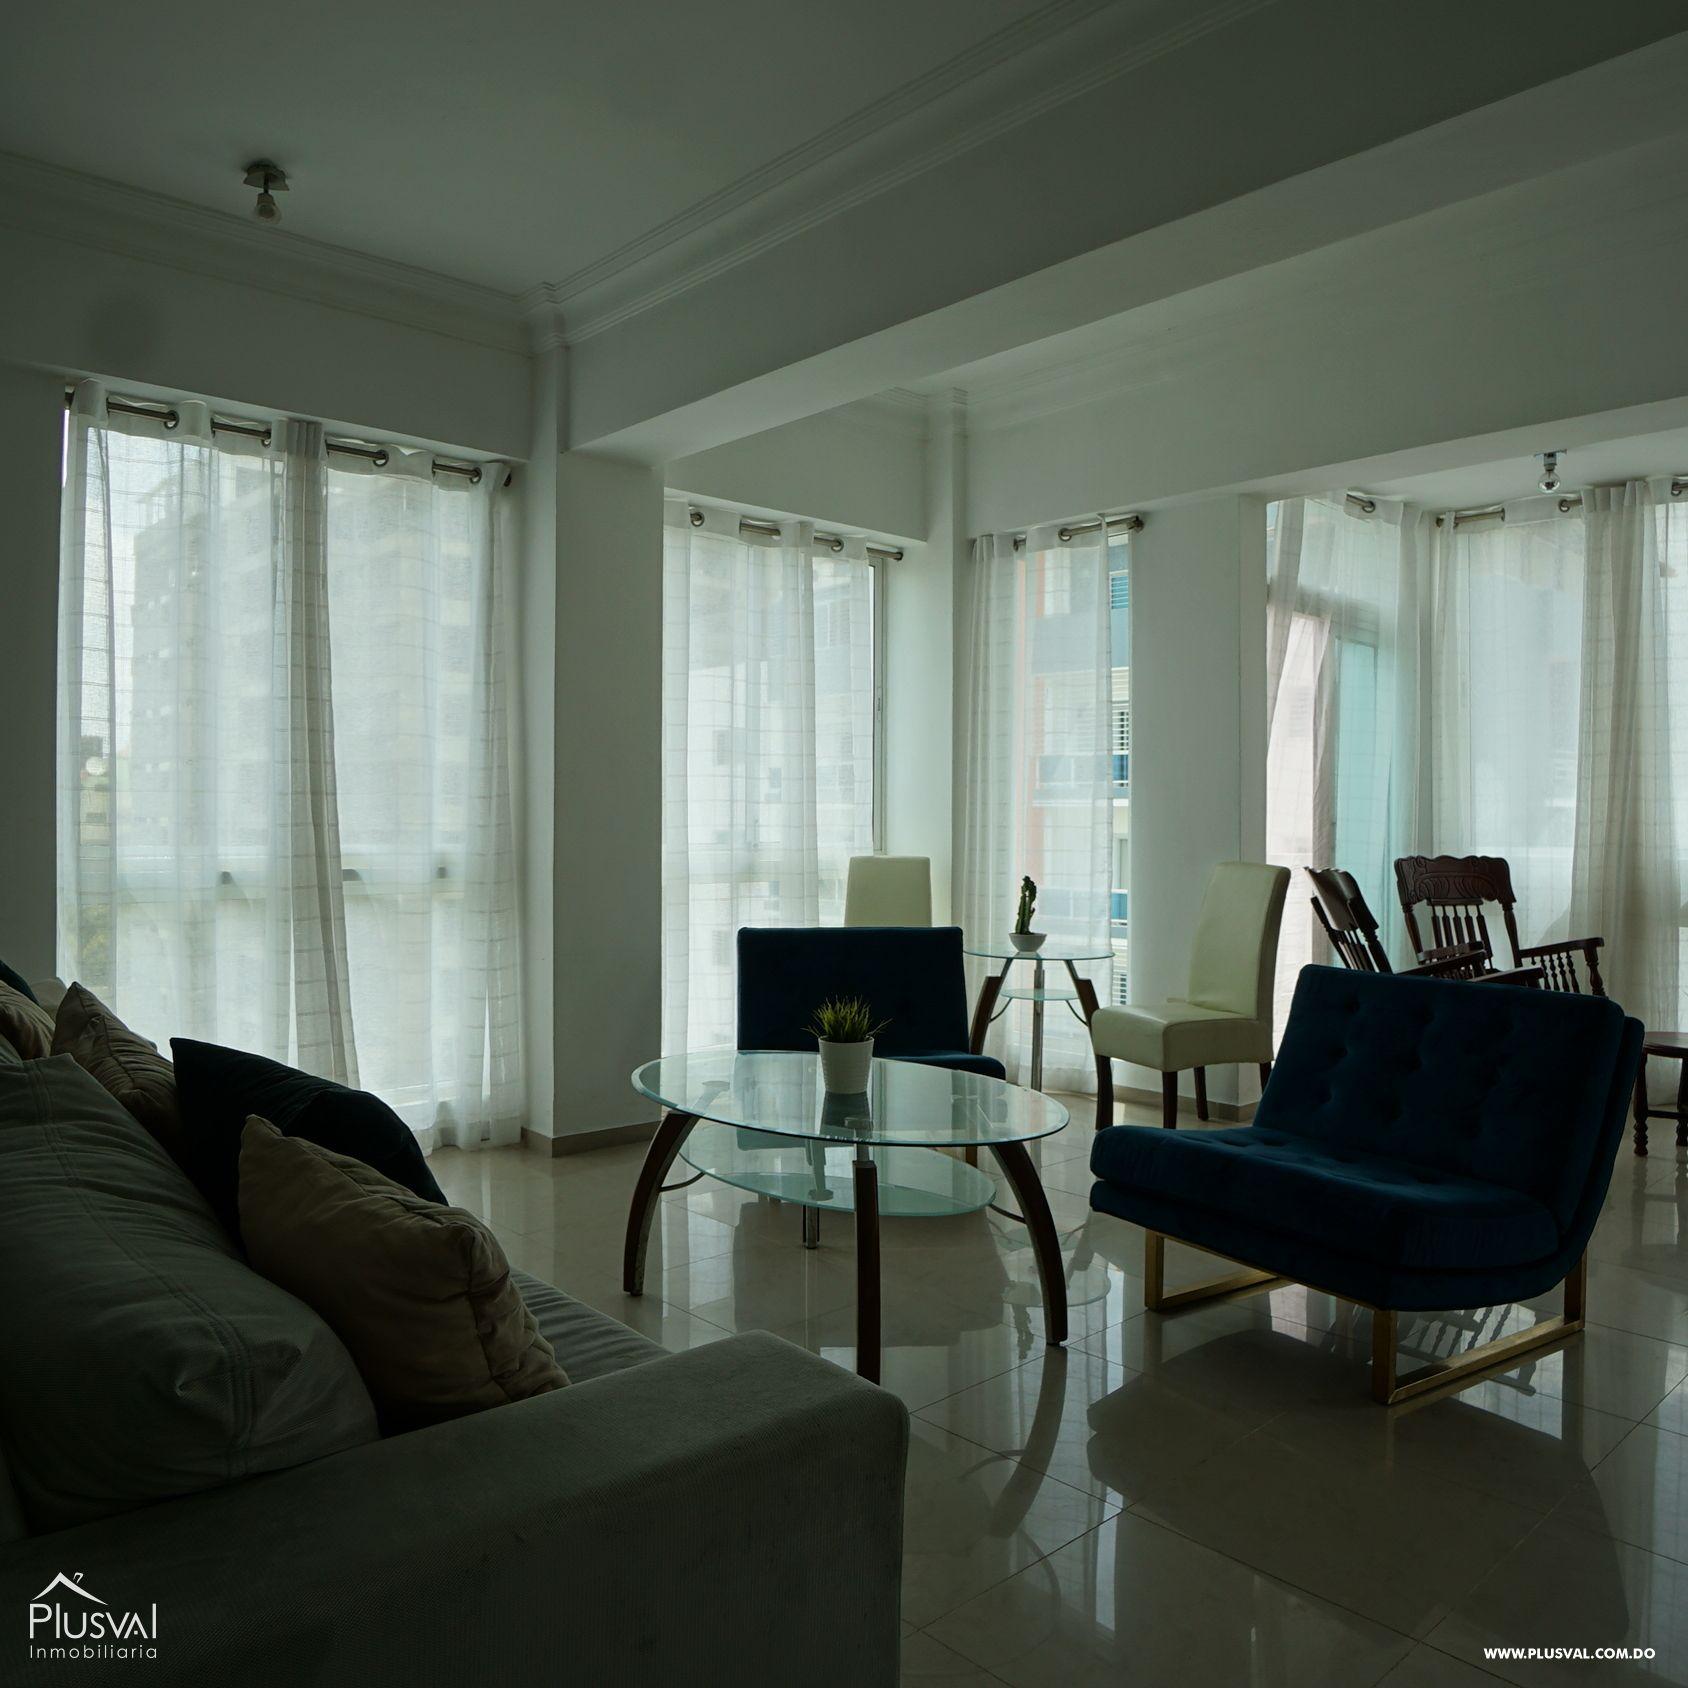 Amplio y fresco apartamento amueblado en alquiler